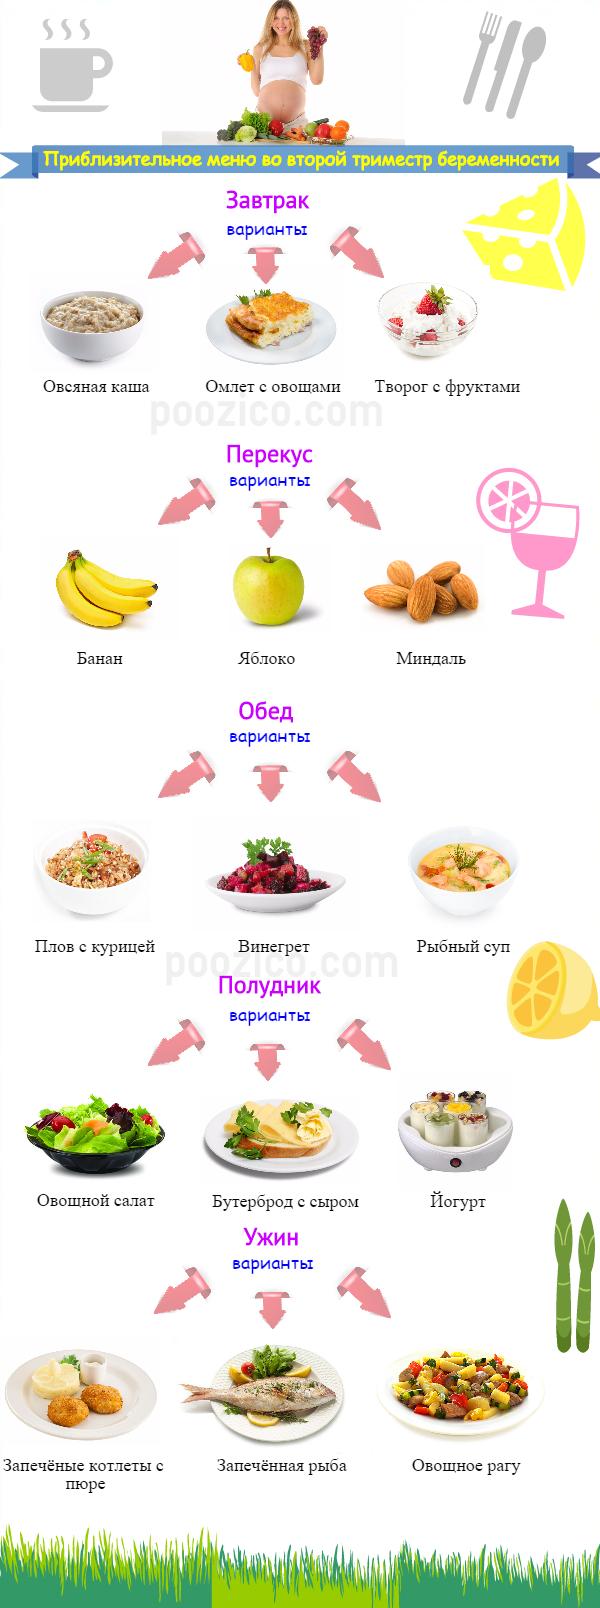 Какие продукты противопоказаны беременным на раннем сроке 9